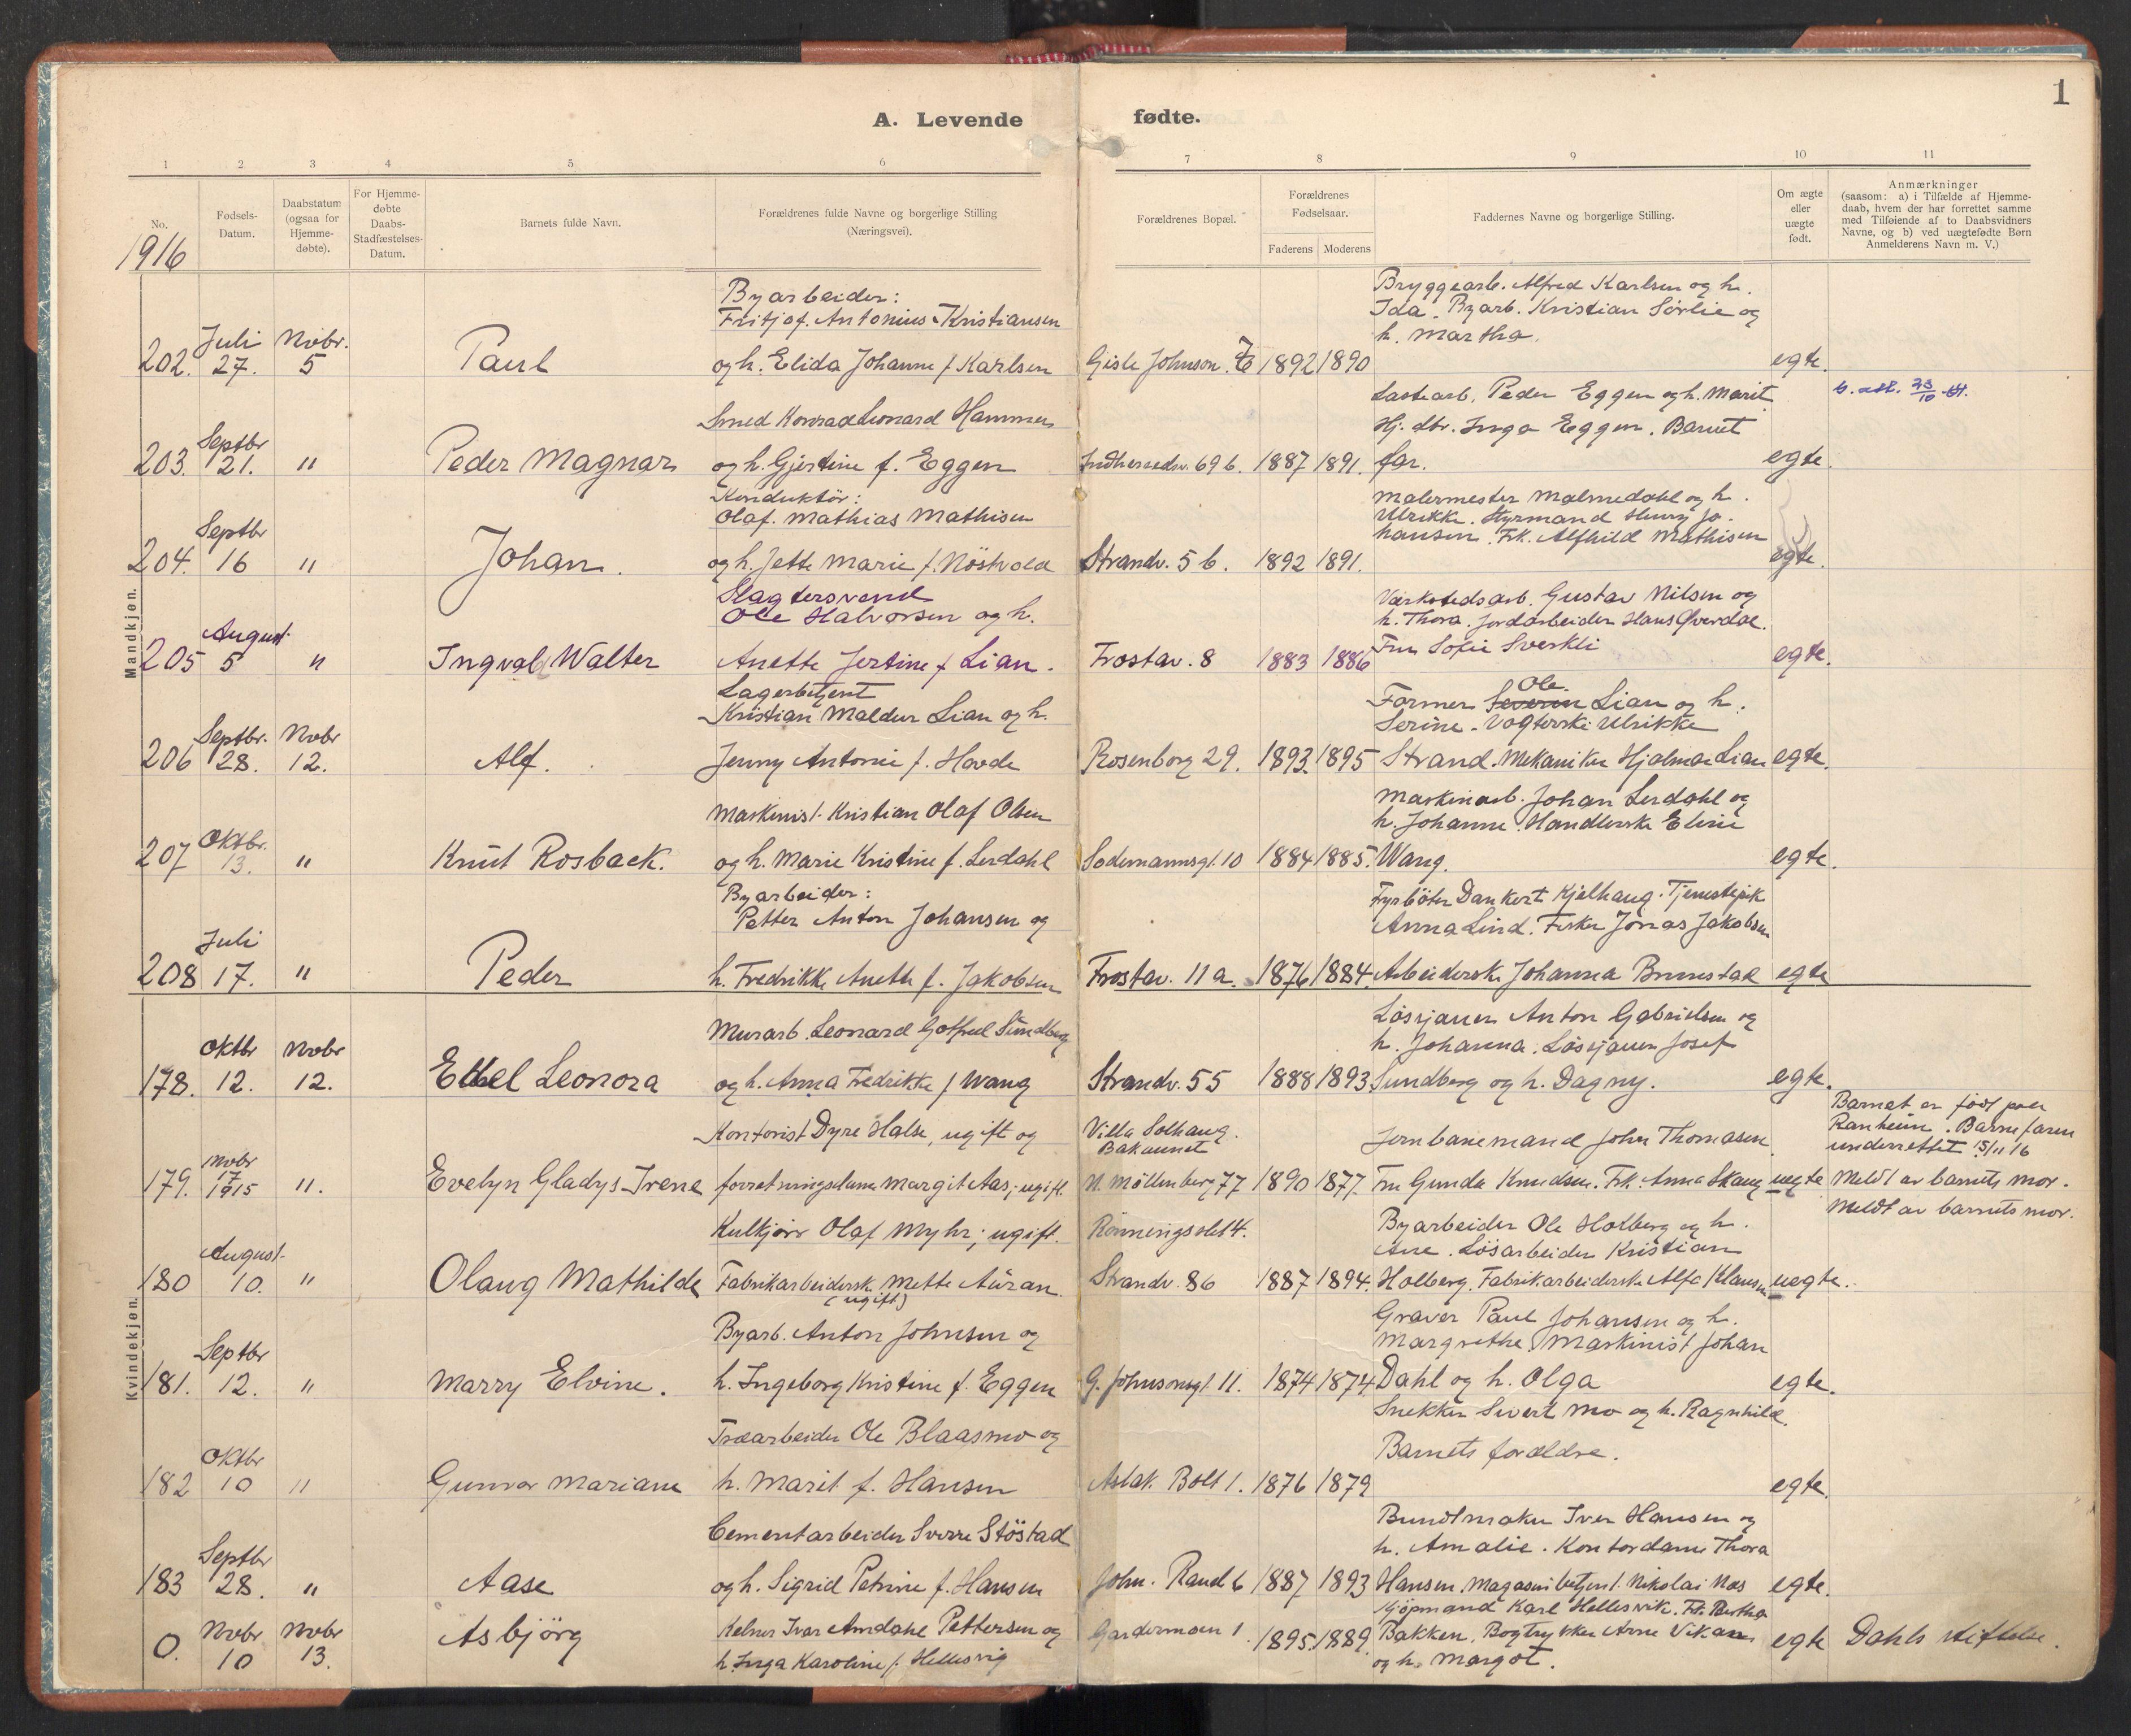 SAT, Ministerialprotokoller, klokkerbøker og fødselsregistre - Sør-Trøndelag, 605/L0246: Ministerialbok nr. 605A08, 1916-1920, s. 1